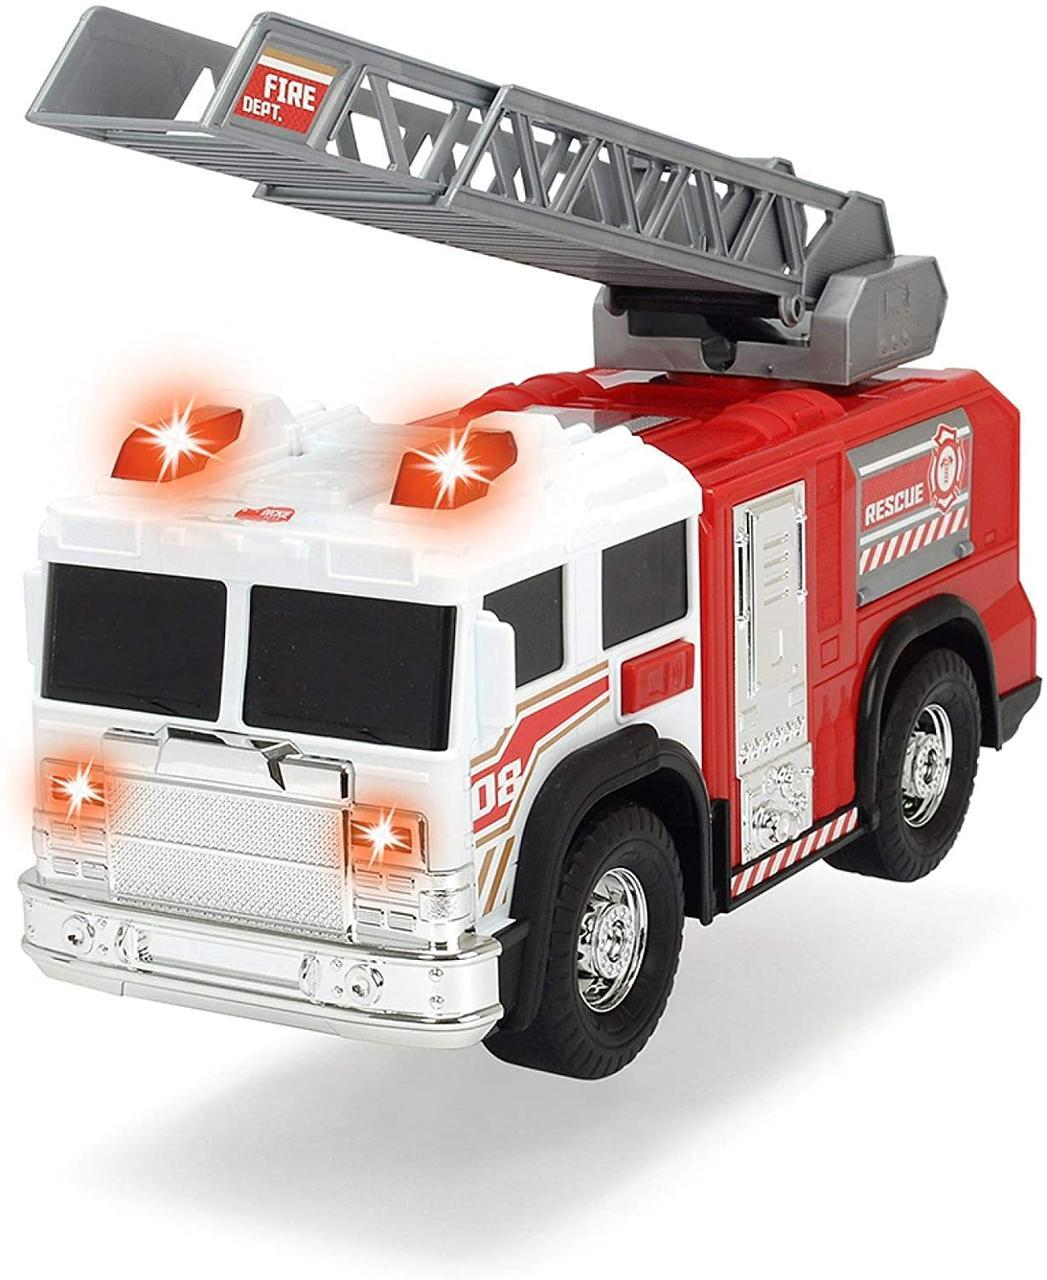 Функциональная машина Пожарная безопасность, 30 см, Dickie Toys 3306005